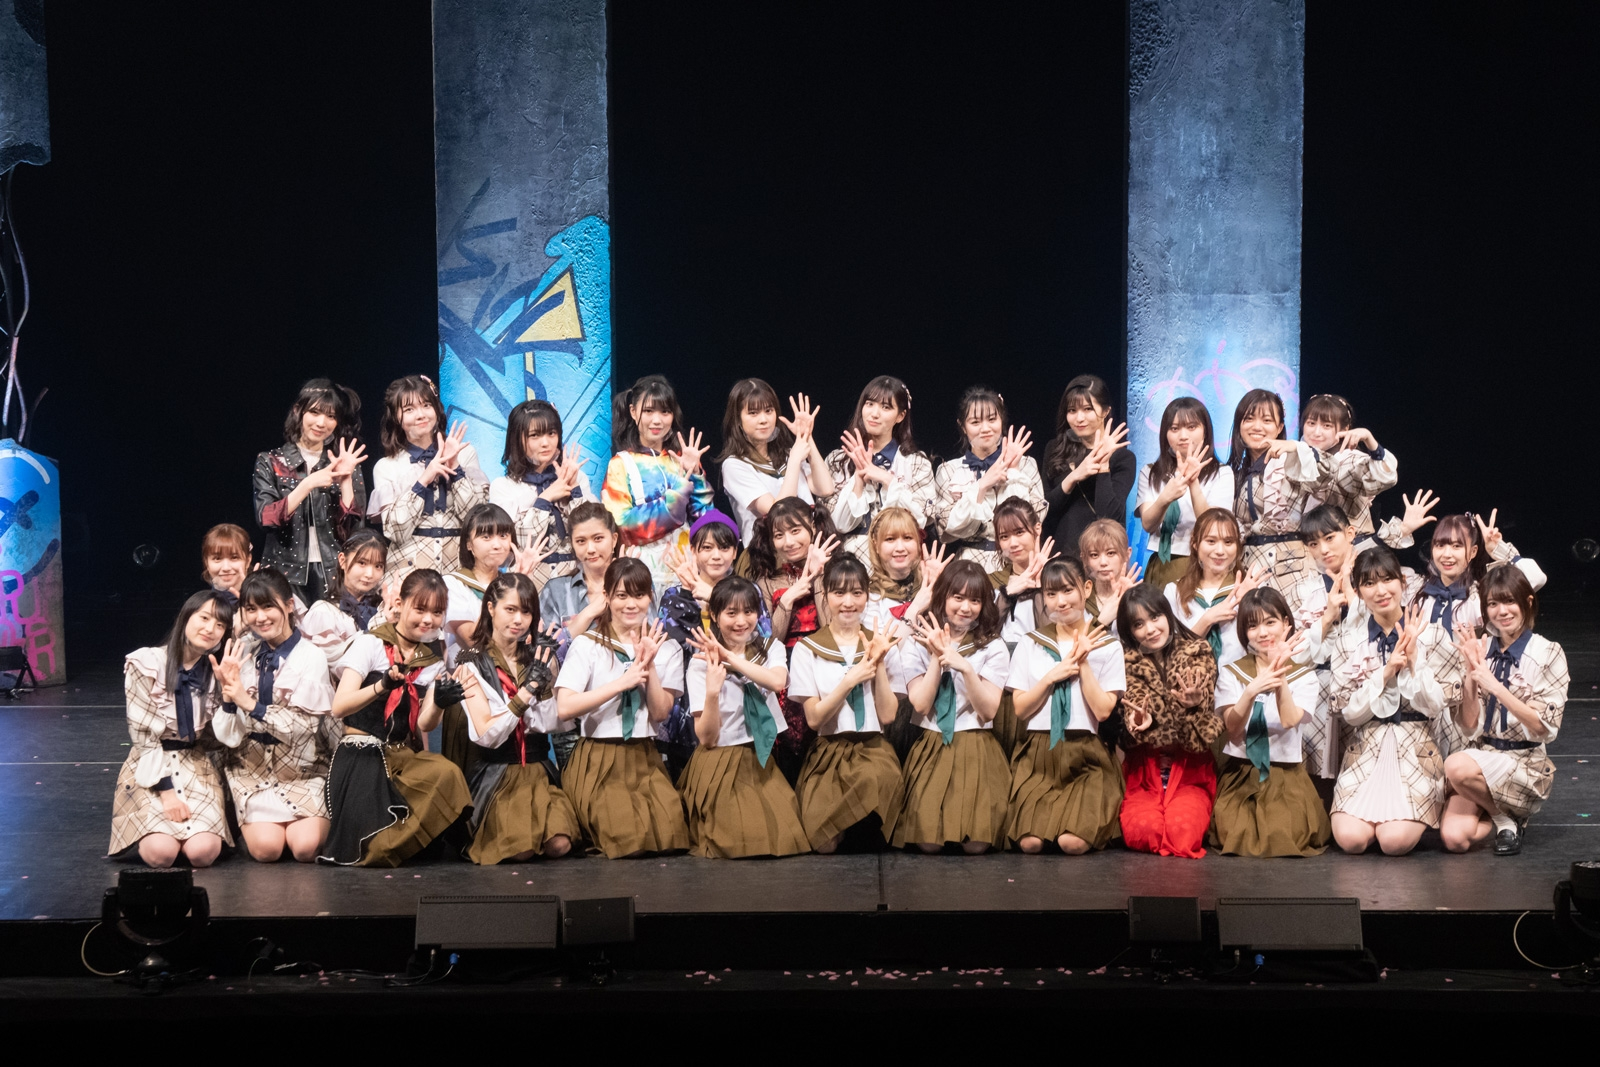 【AKB48】チーム8応援スレ ☆10【inサロン板】 YouTube動画>9本 ->画像>63枚